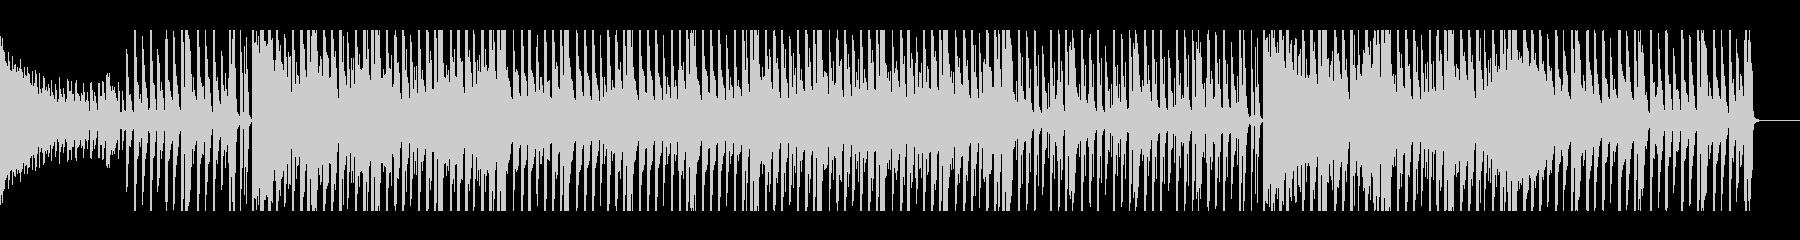 【パターン2-2】明るく元気なポップスの未再生の波形